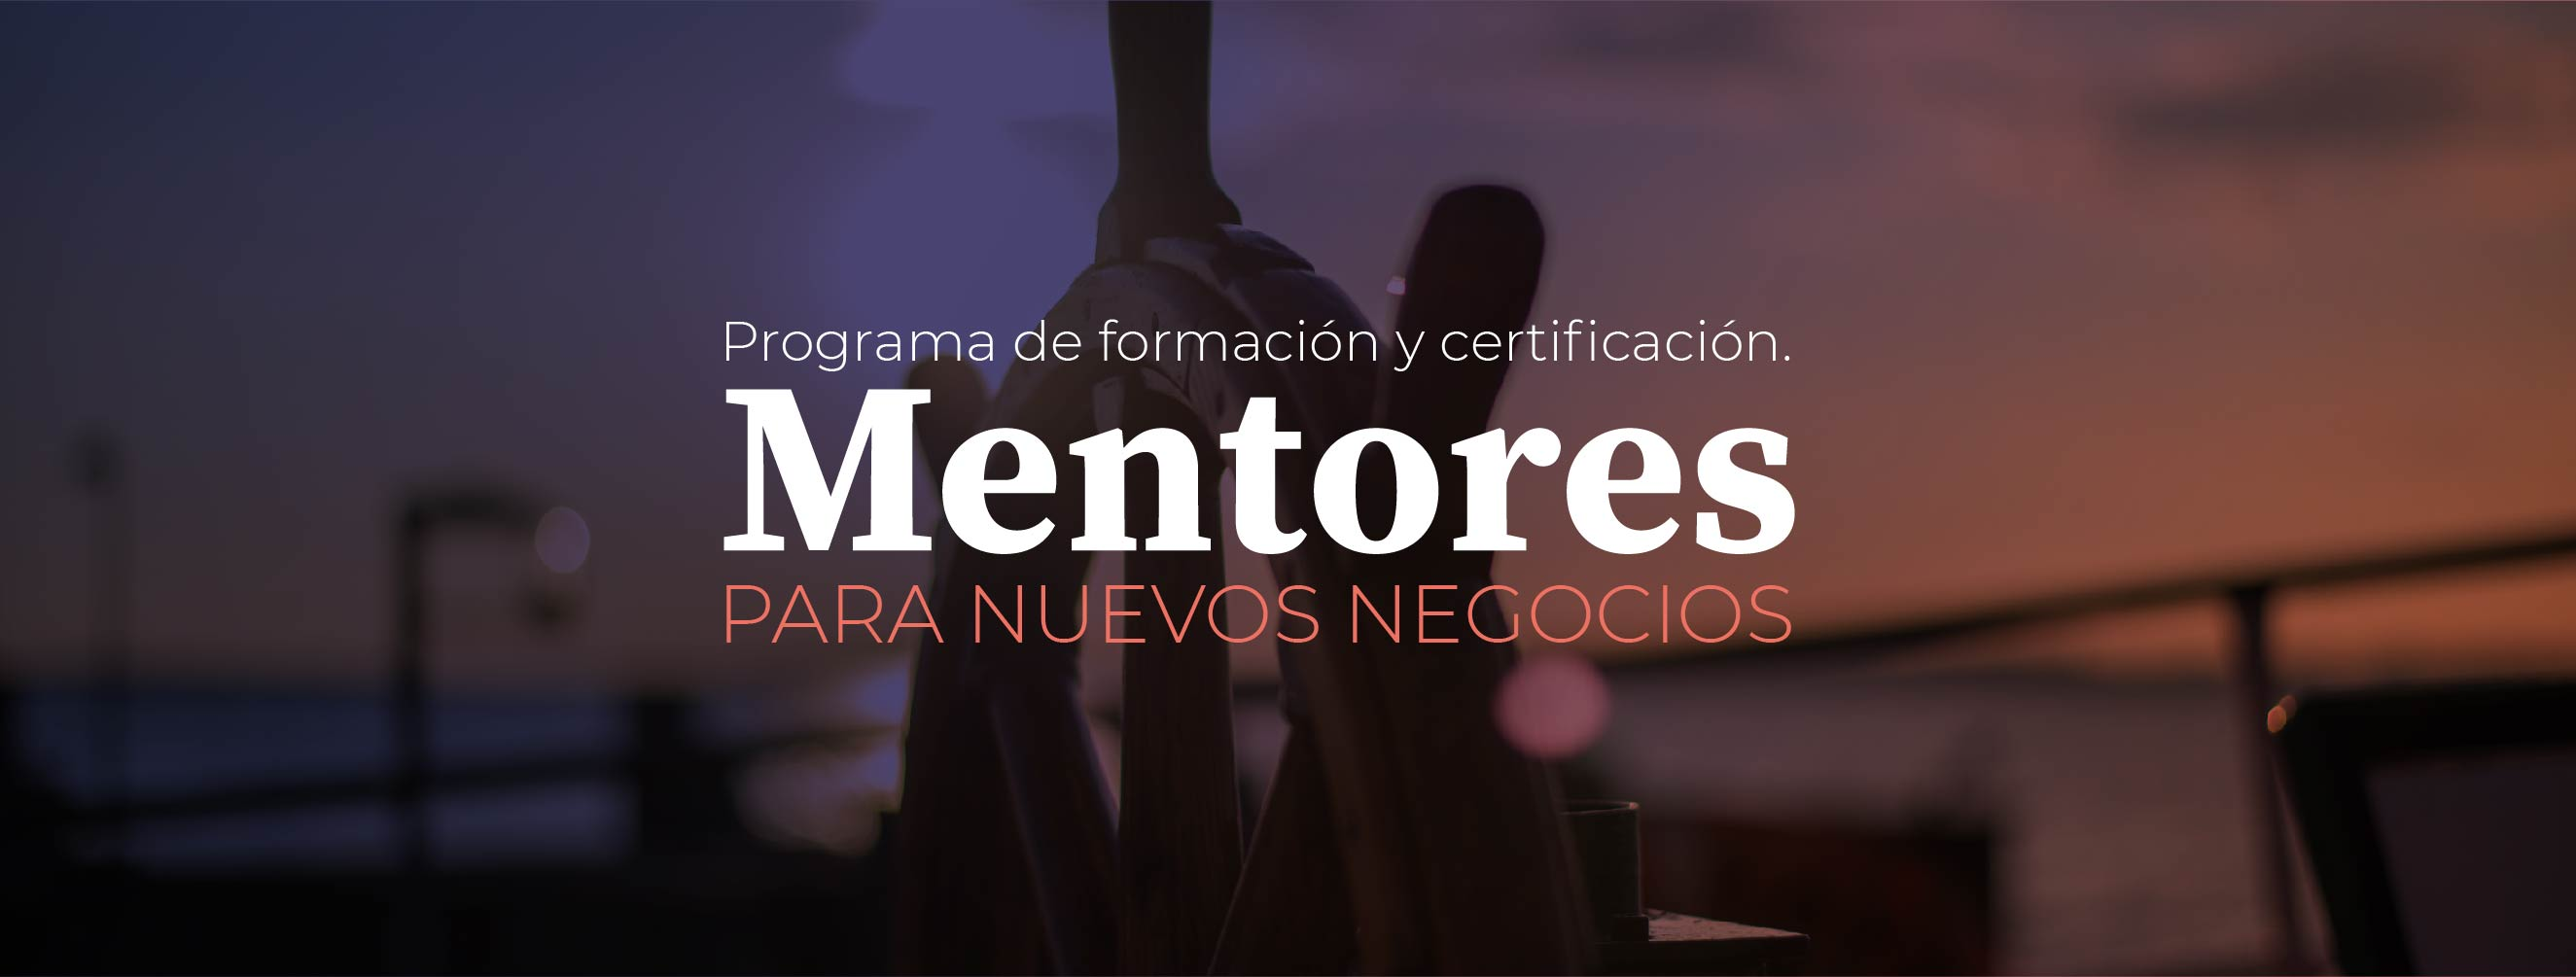 mentores udd ventures